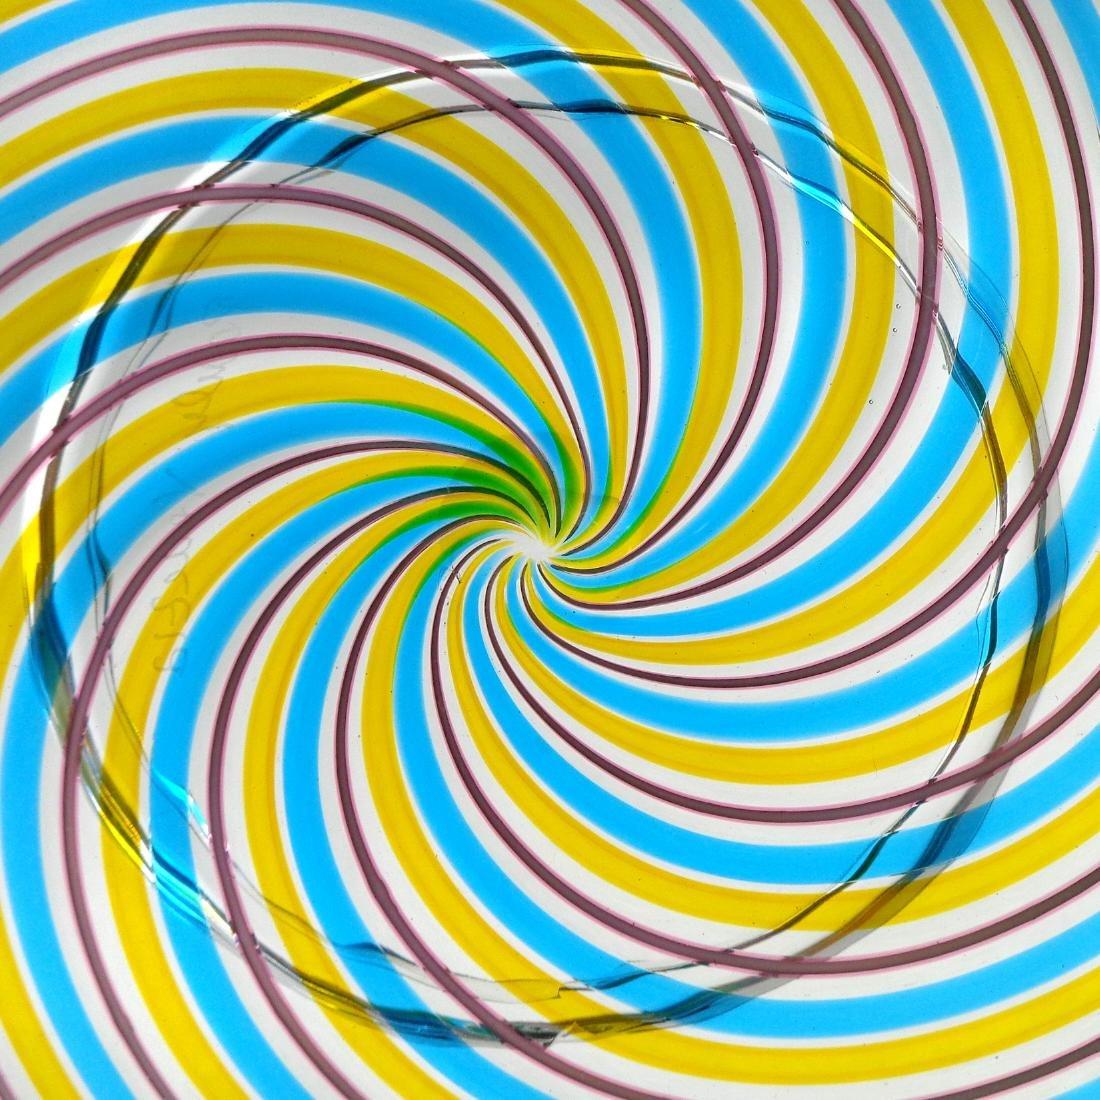 Pauly Venezia Murano Swirl Ribbons Art Glass Bowl - 2